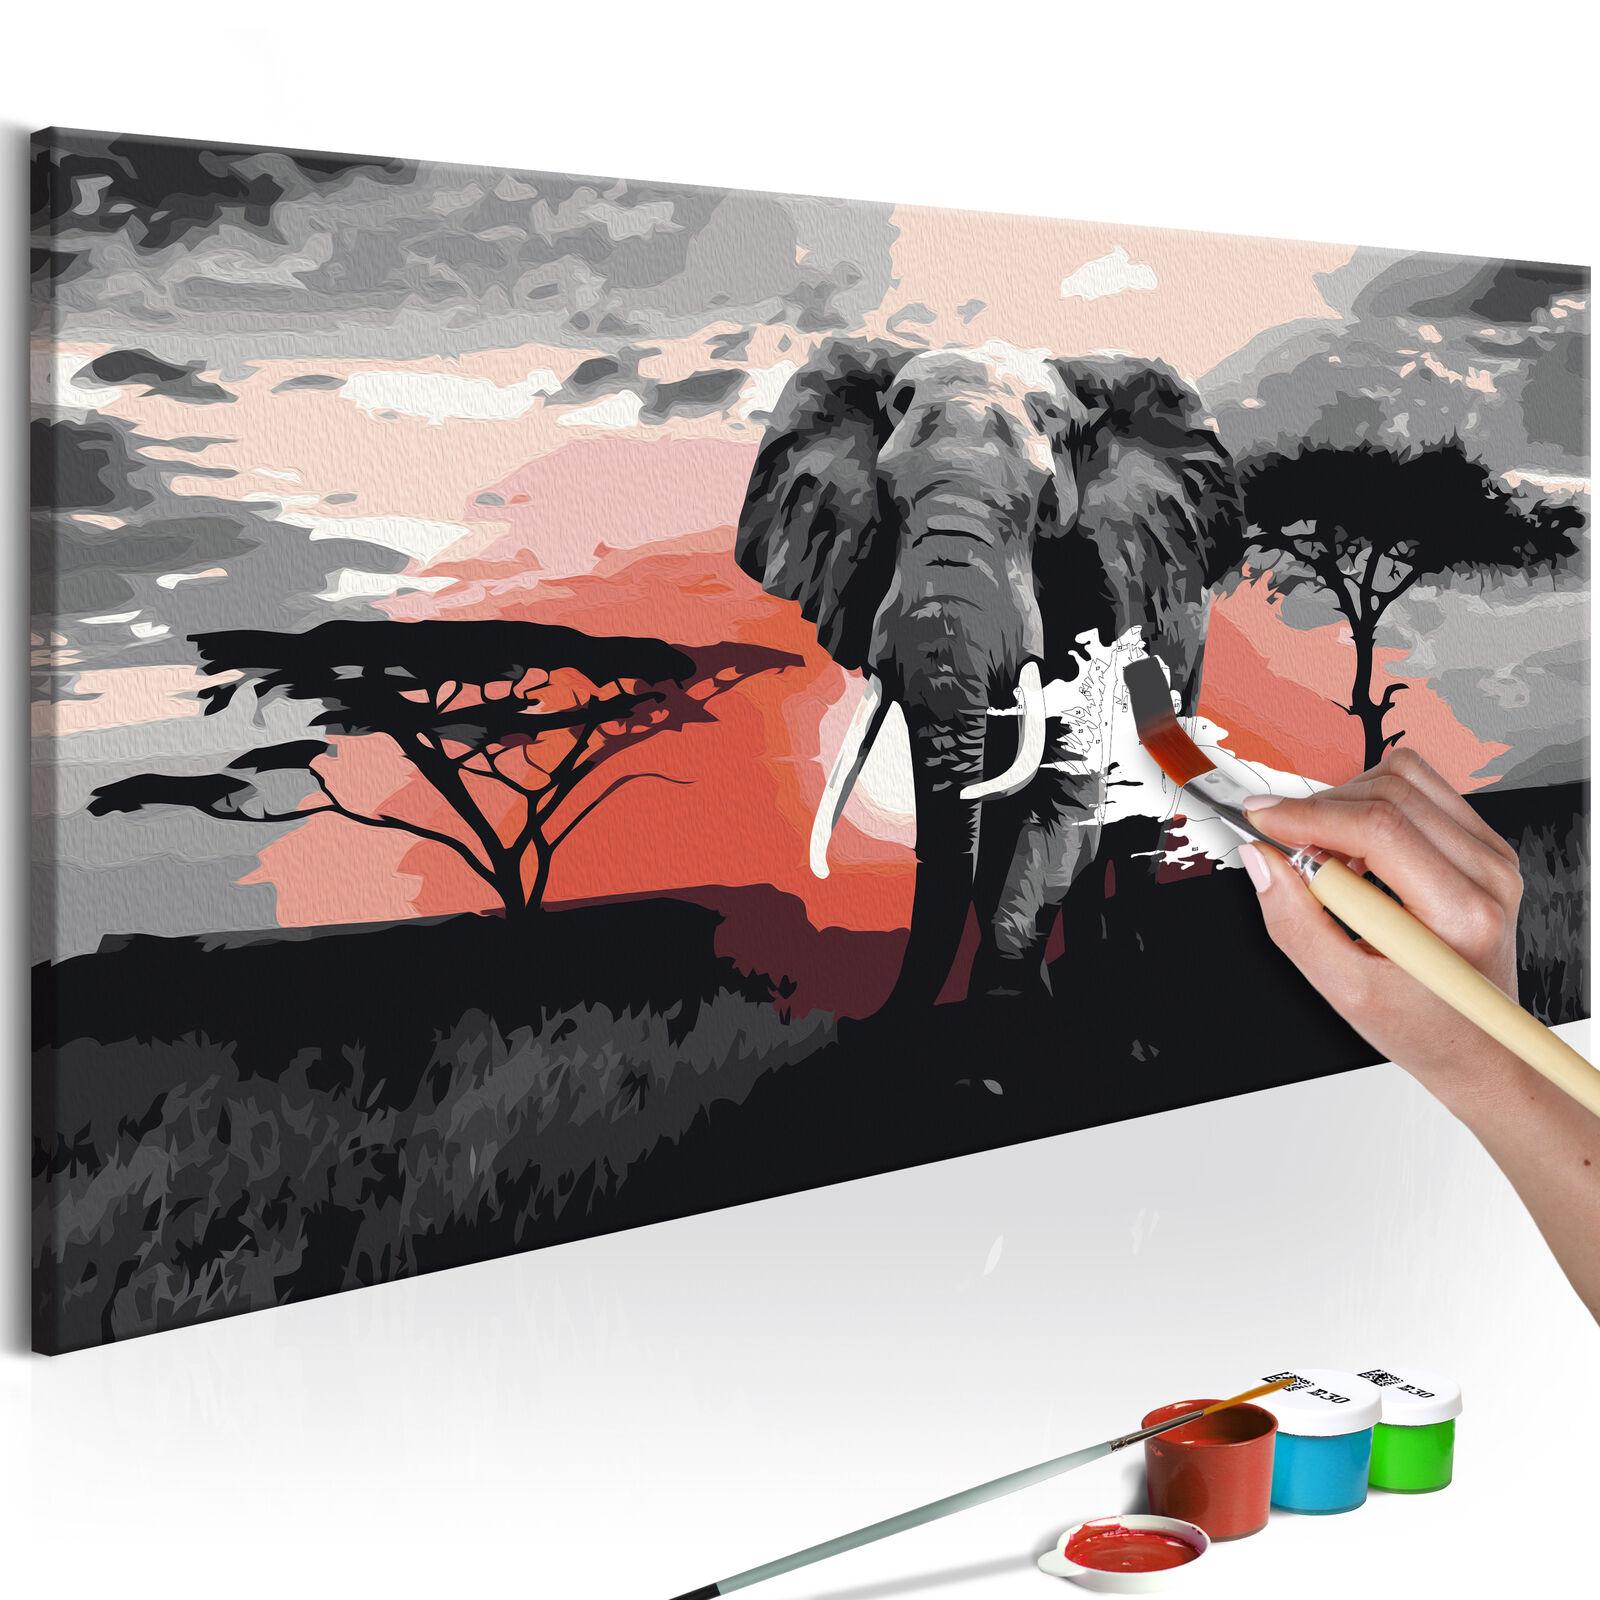 Malen nach Zahlen Erwachsene Wandbild Malset mit Pinsel Malvorlagen n-A-0367-d-a